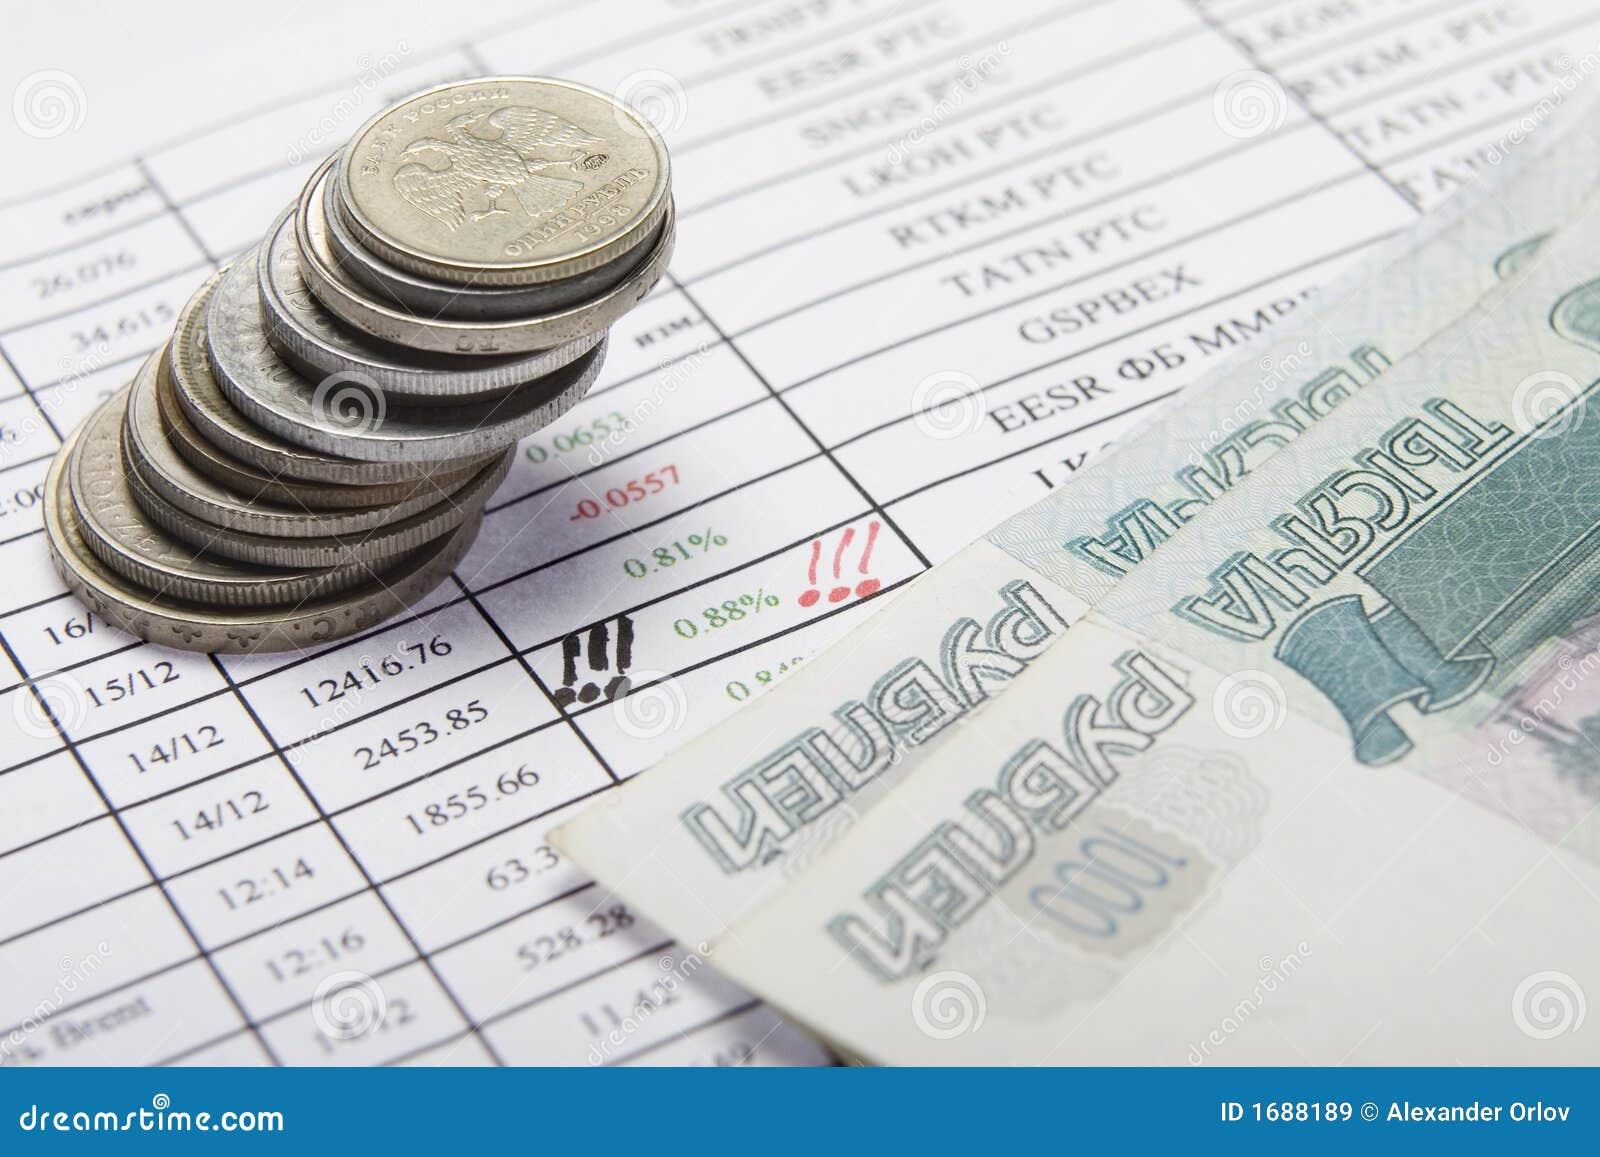 Money 12